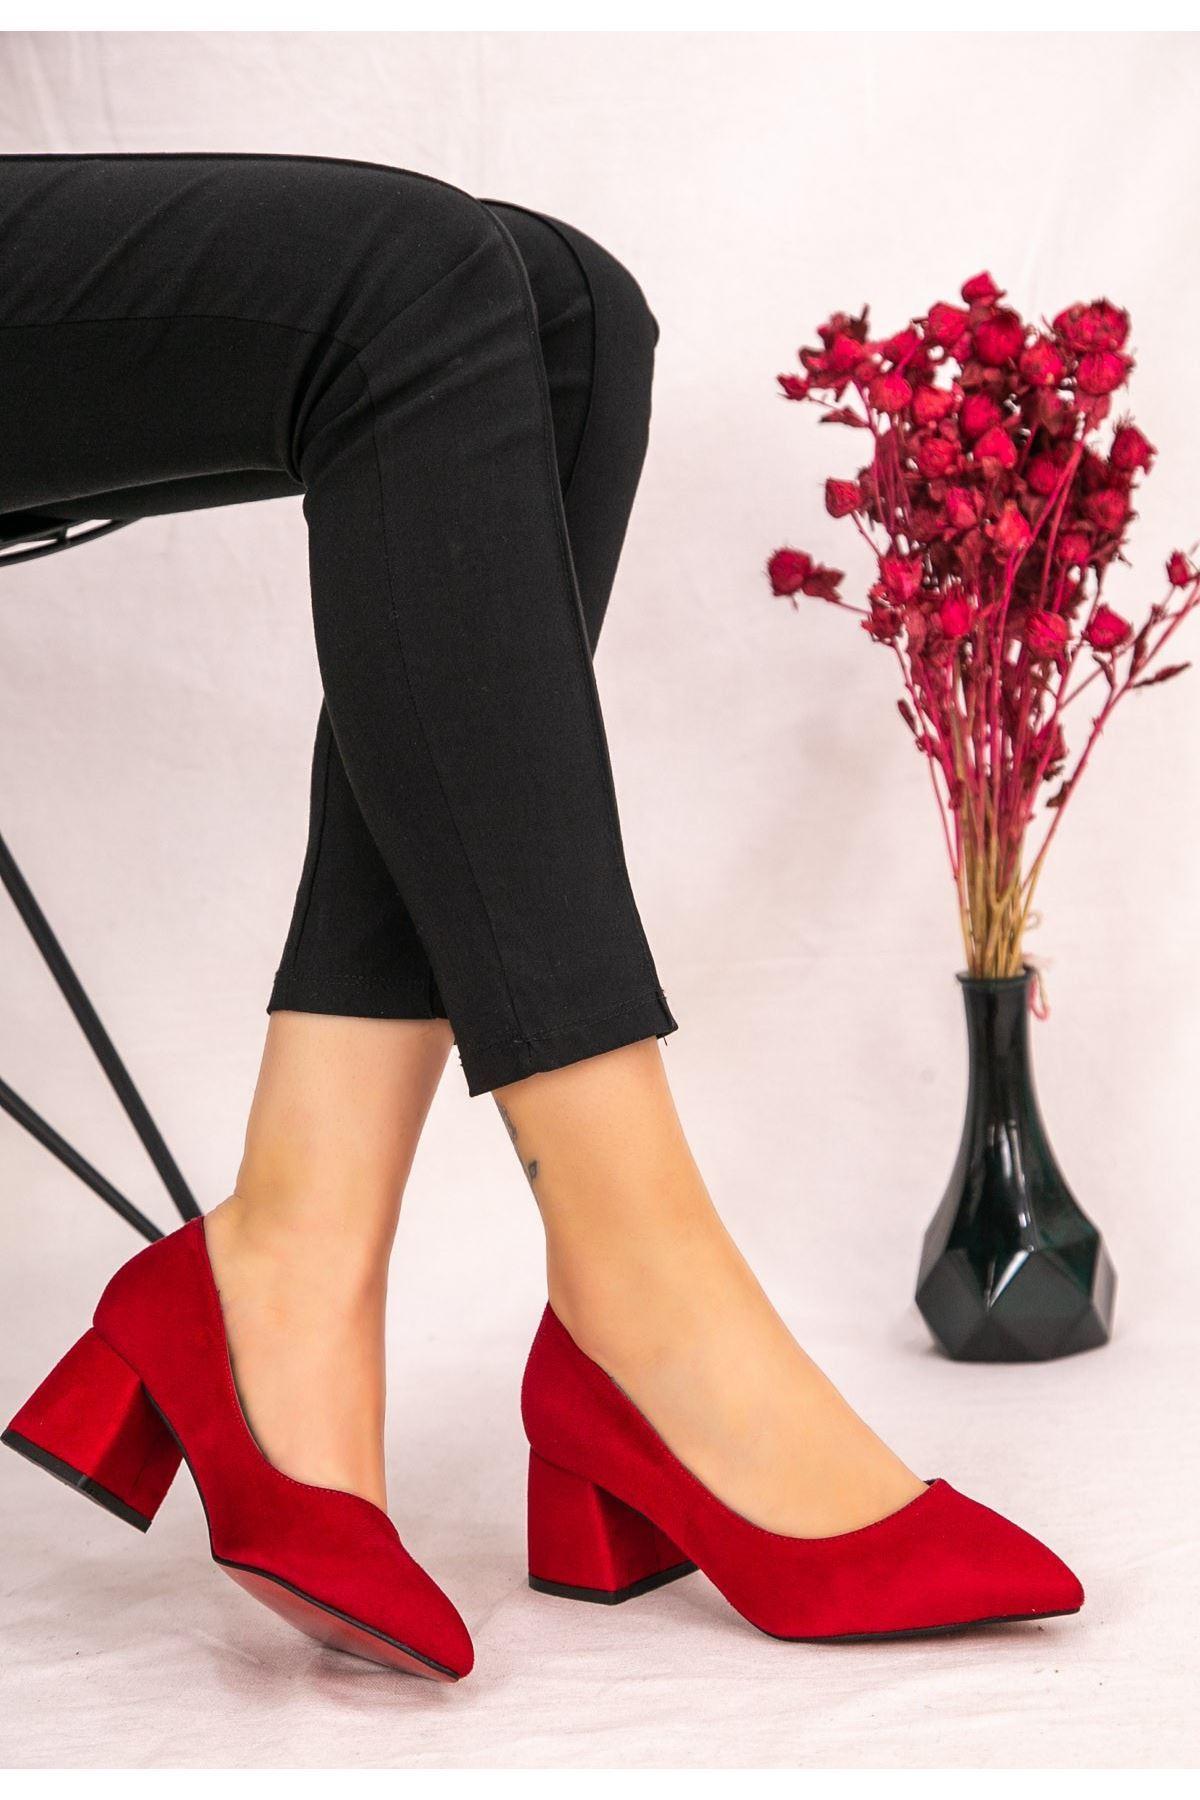 Seis Kırmızı Süet Topuklu Ayakkabı